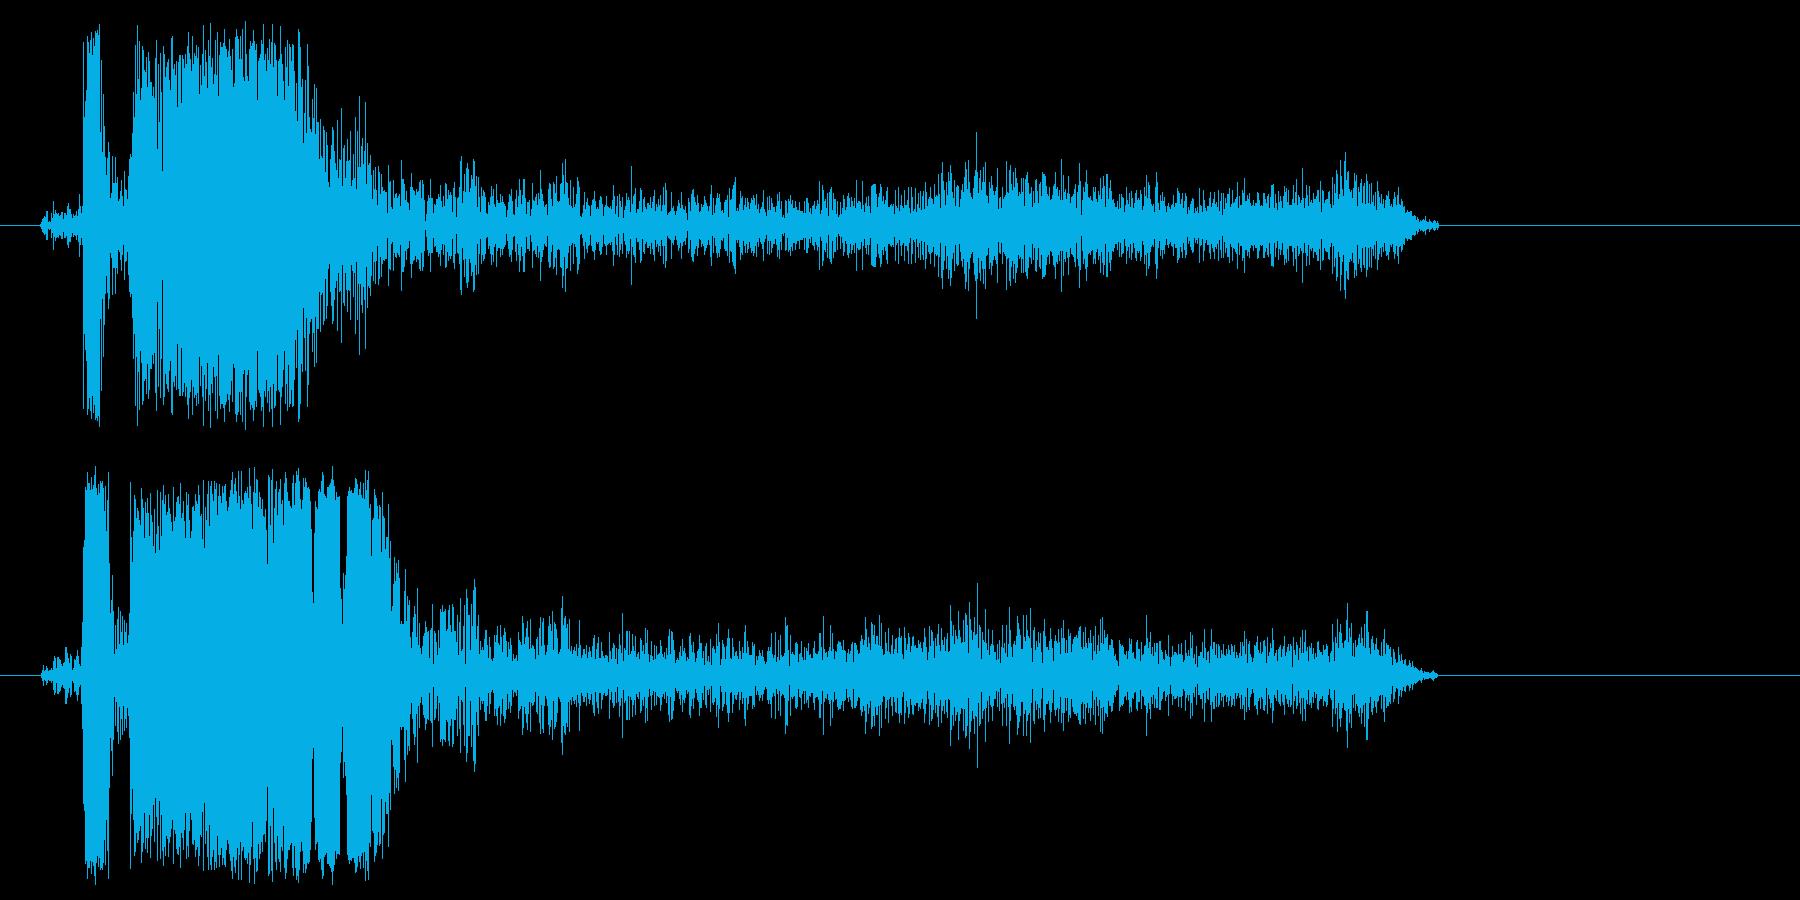 プシュッ(圧縮空気を使用したマシンの音)の再生済みの波形